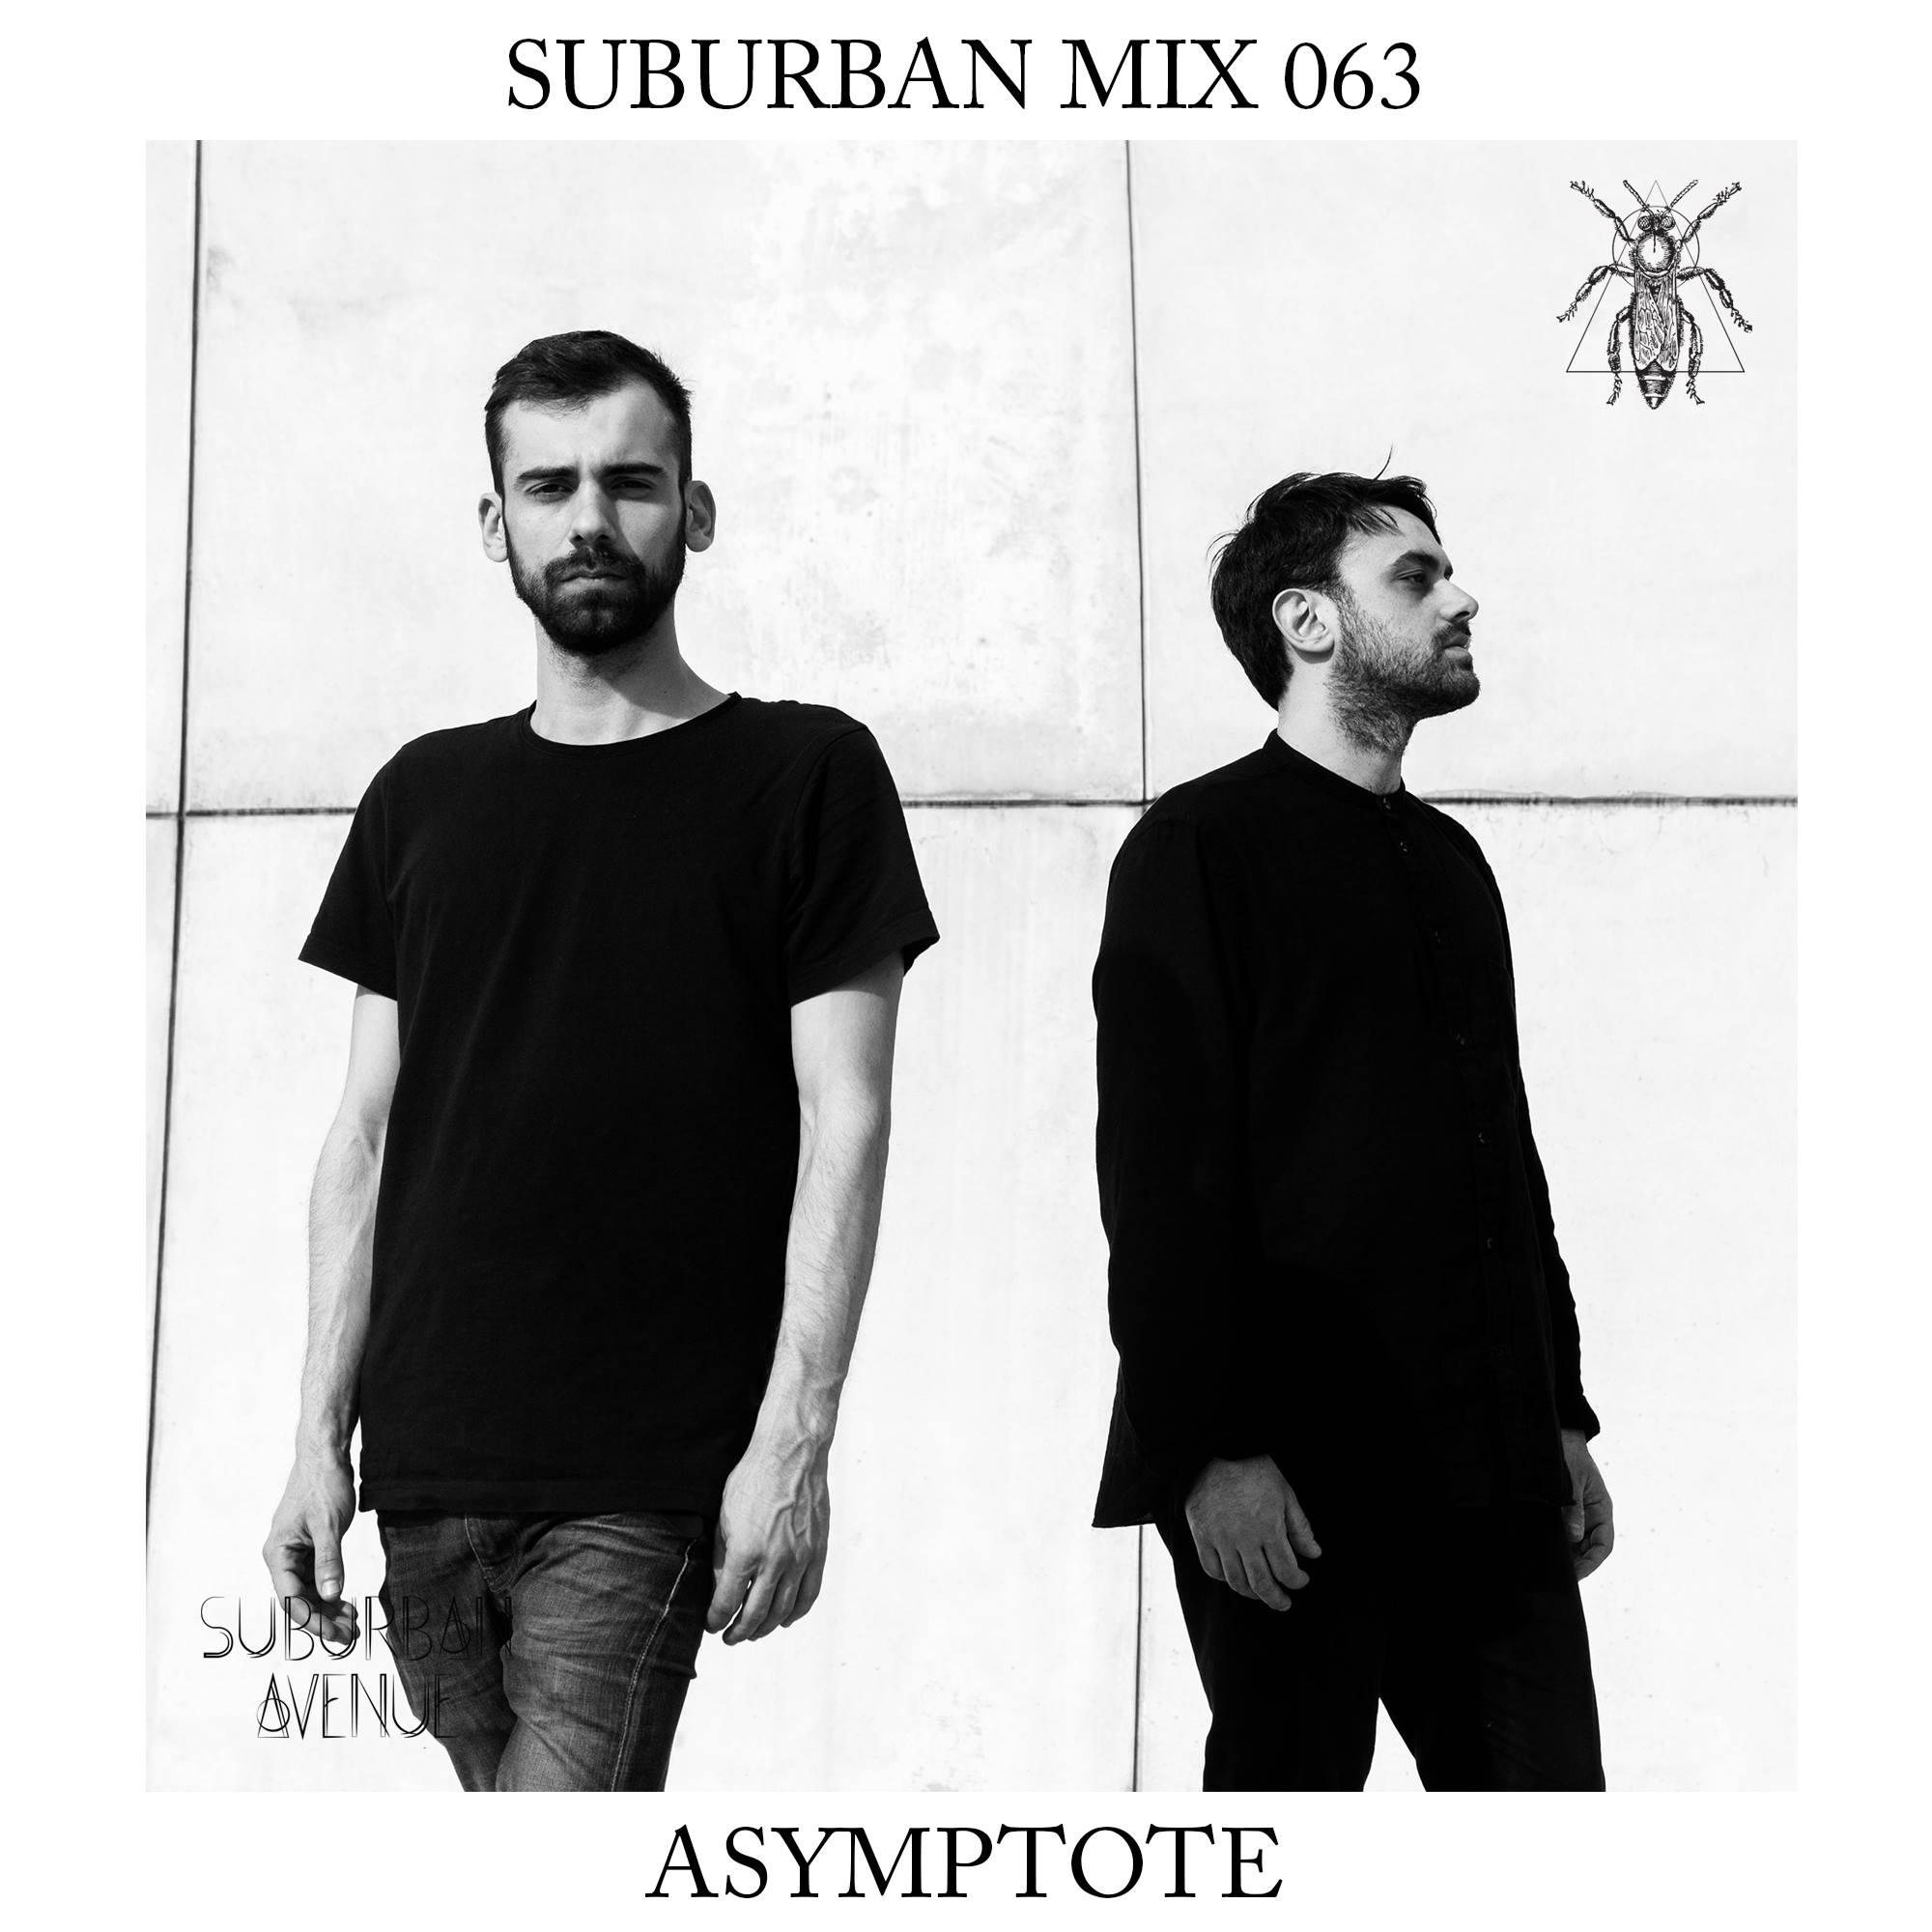 Suburban Mix 063 - Asymptote